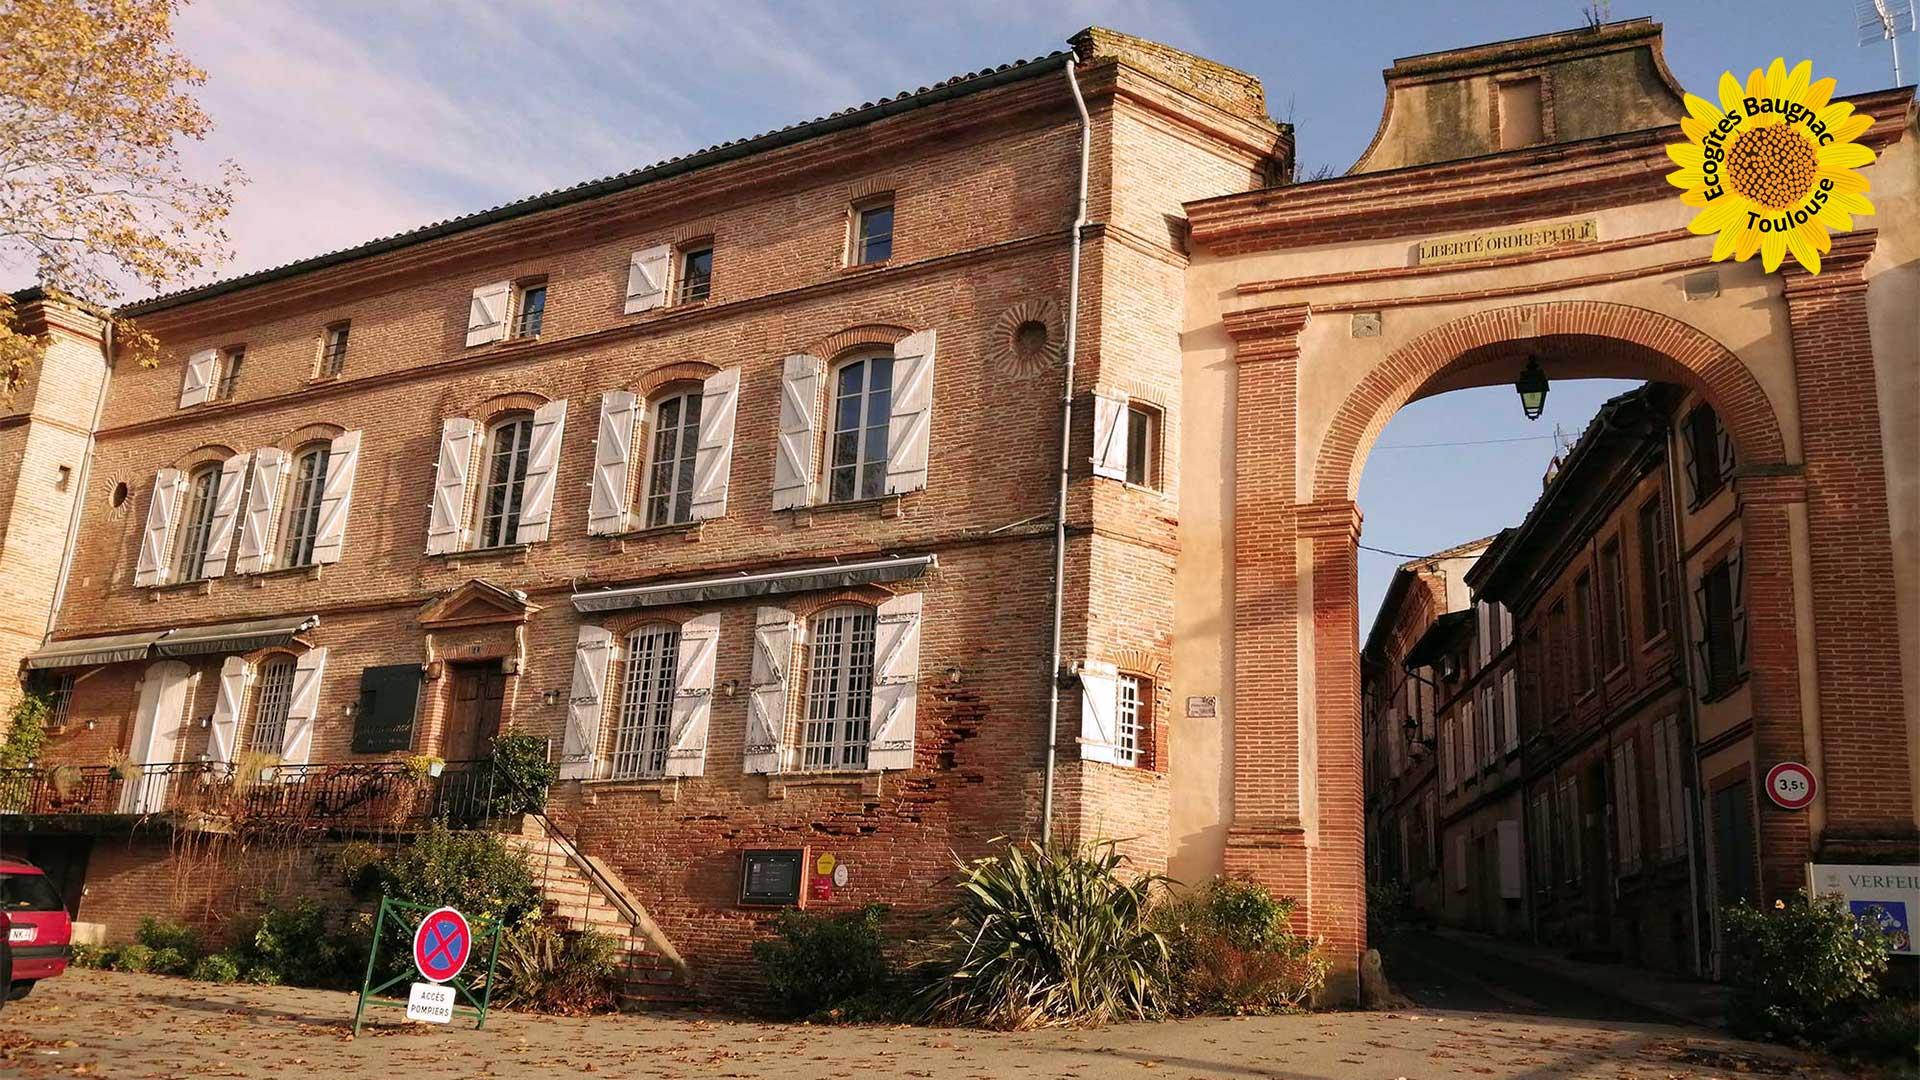 Verfeil, village fortifié à proximité des écogîtes de Baugnac